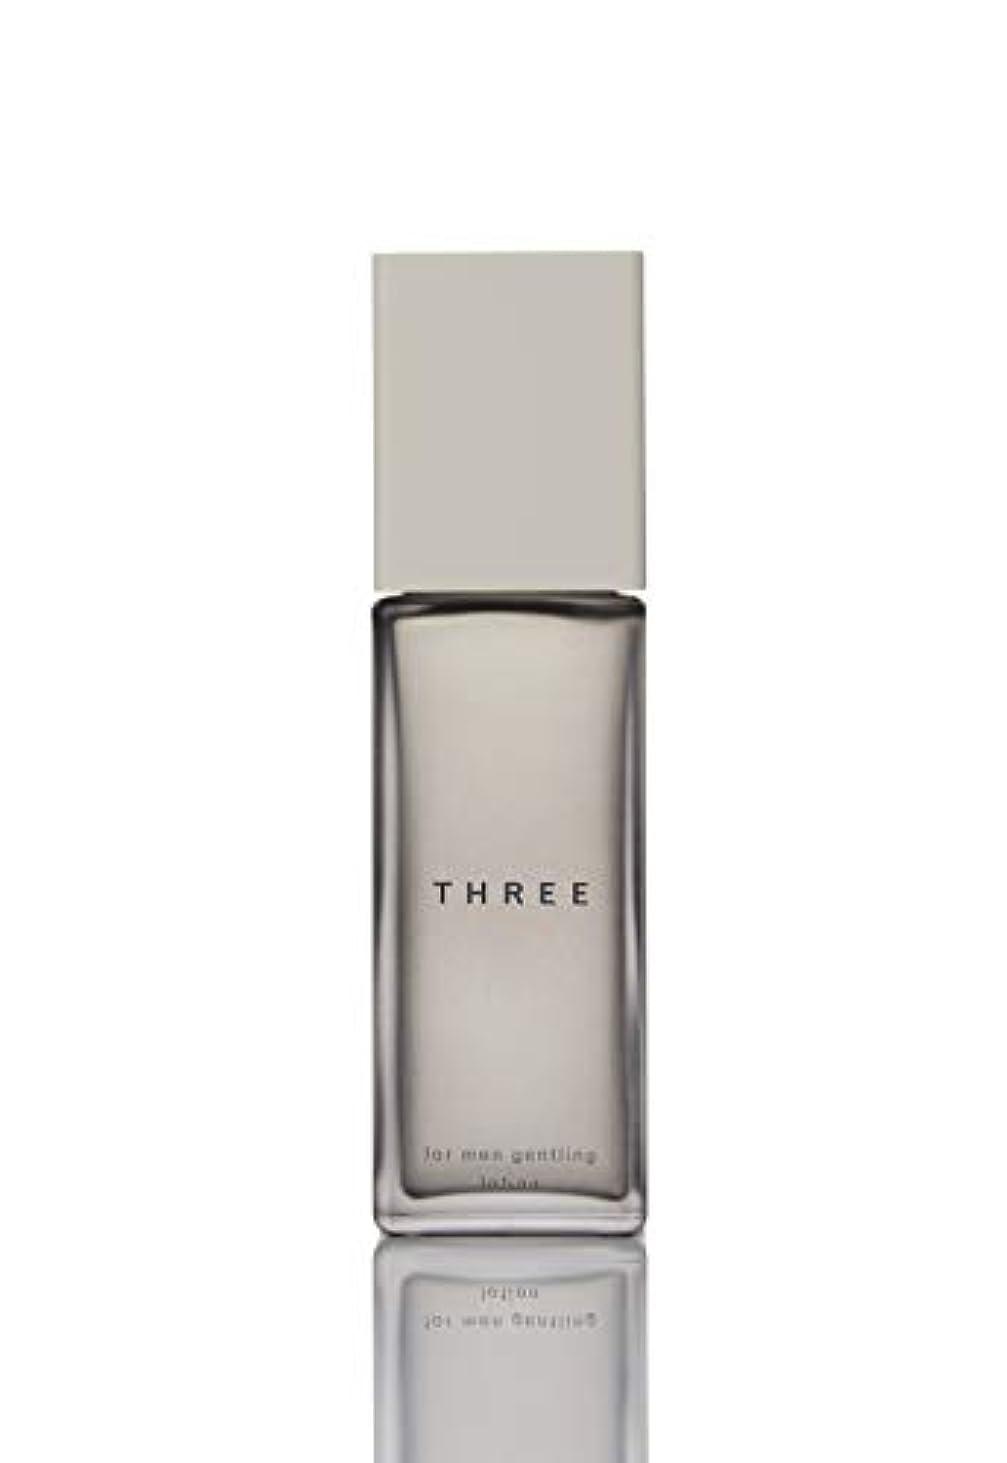 信条ピルラッチFIVEISM × THREE(ファイブイズム バイ スリー) THREE フォー?メン ジェントリング ローション 100ml 化粧水